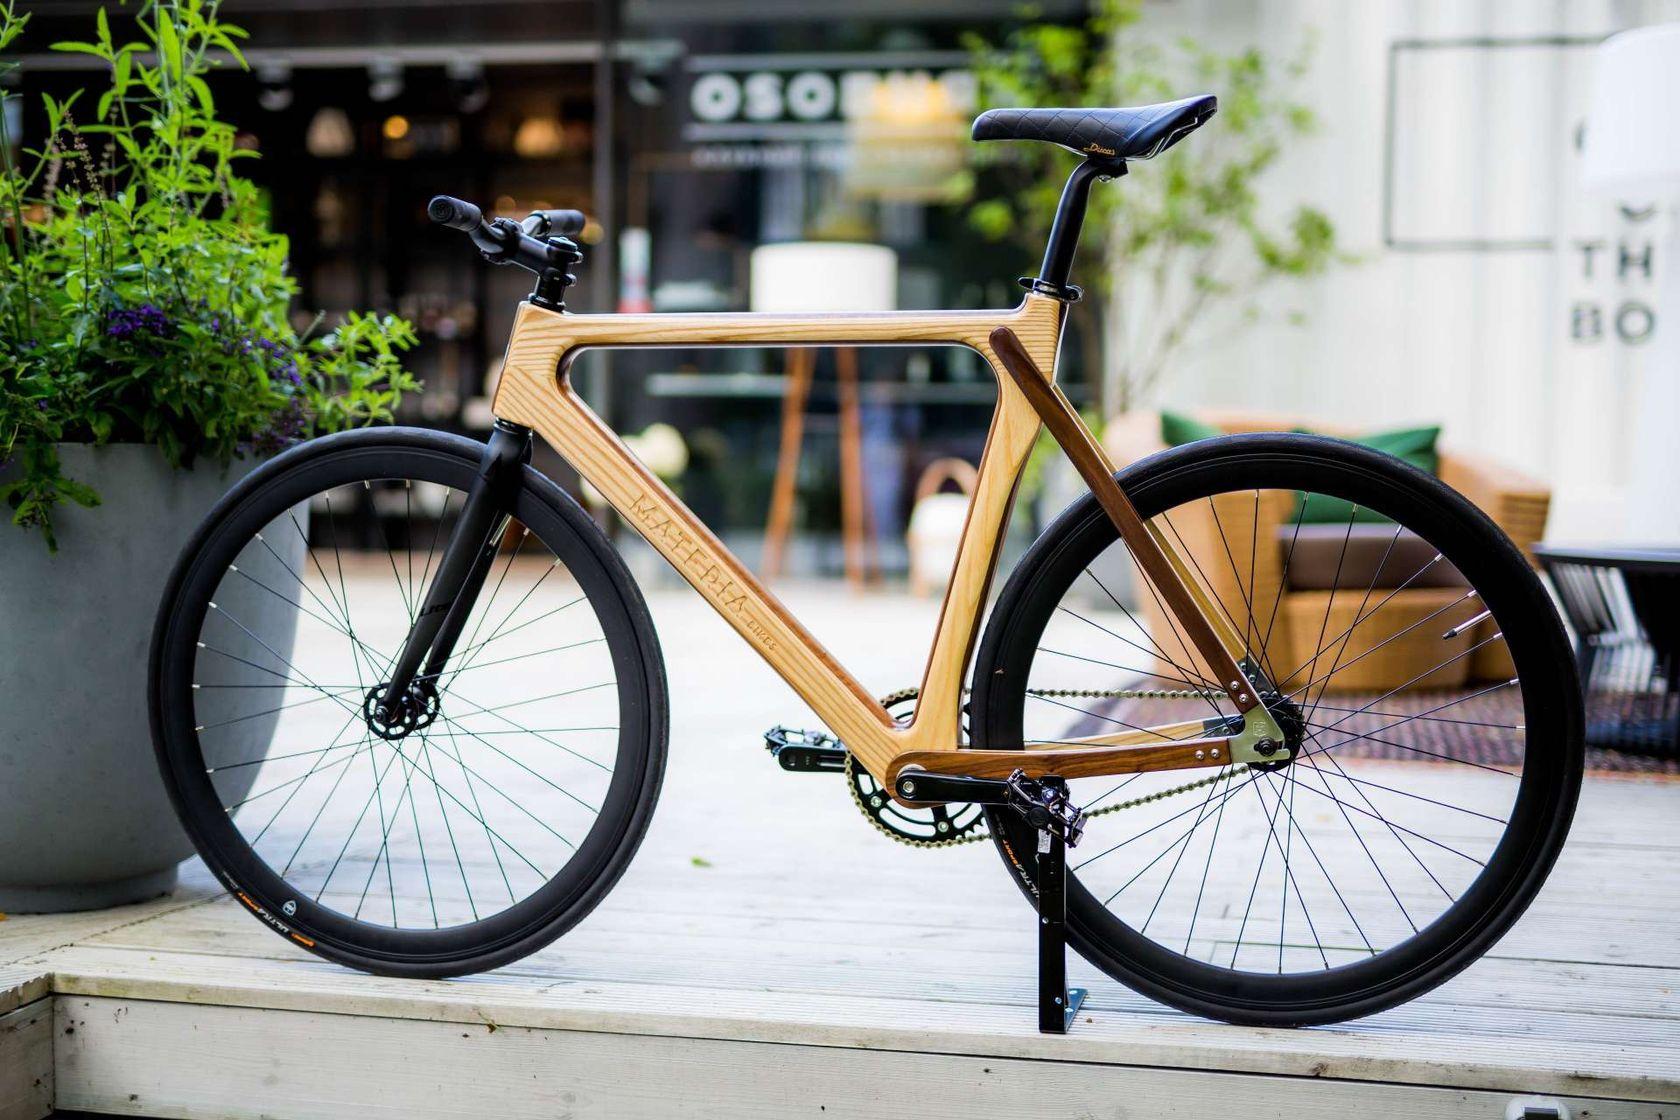 Велосипед-фикс: скорость и простота